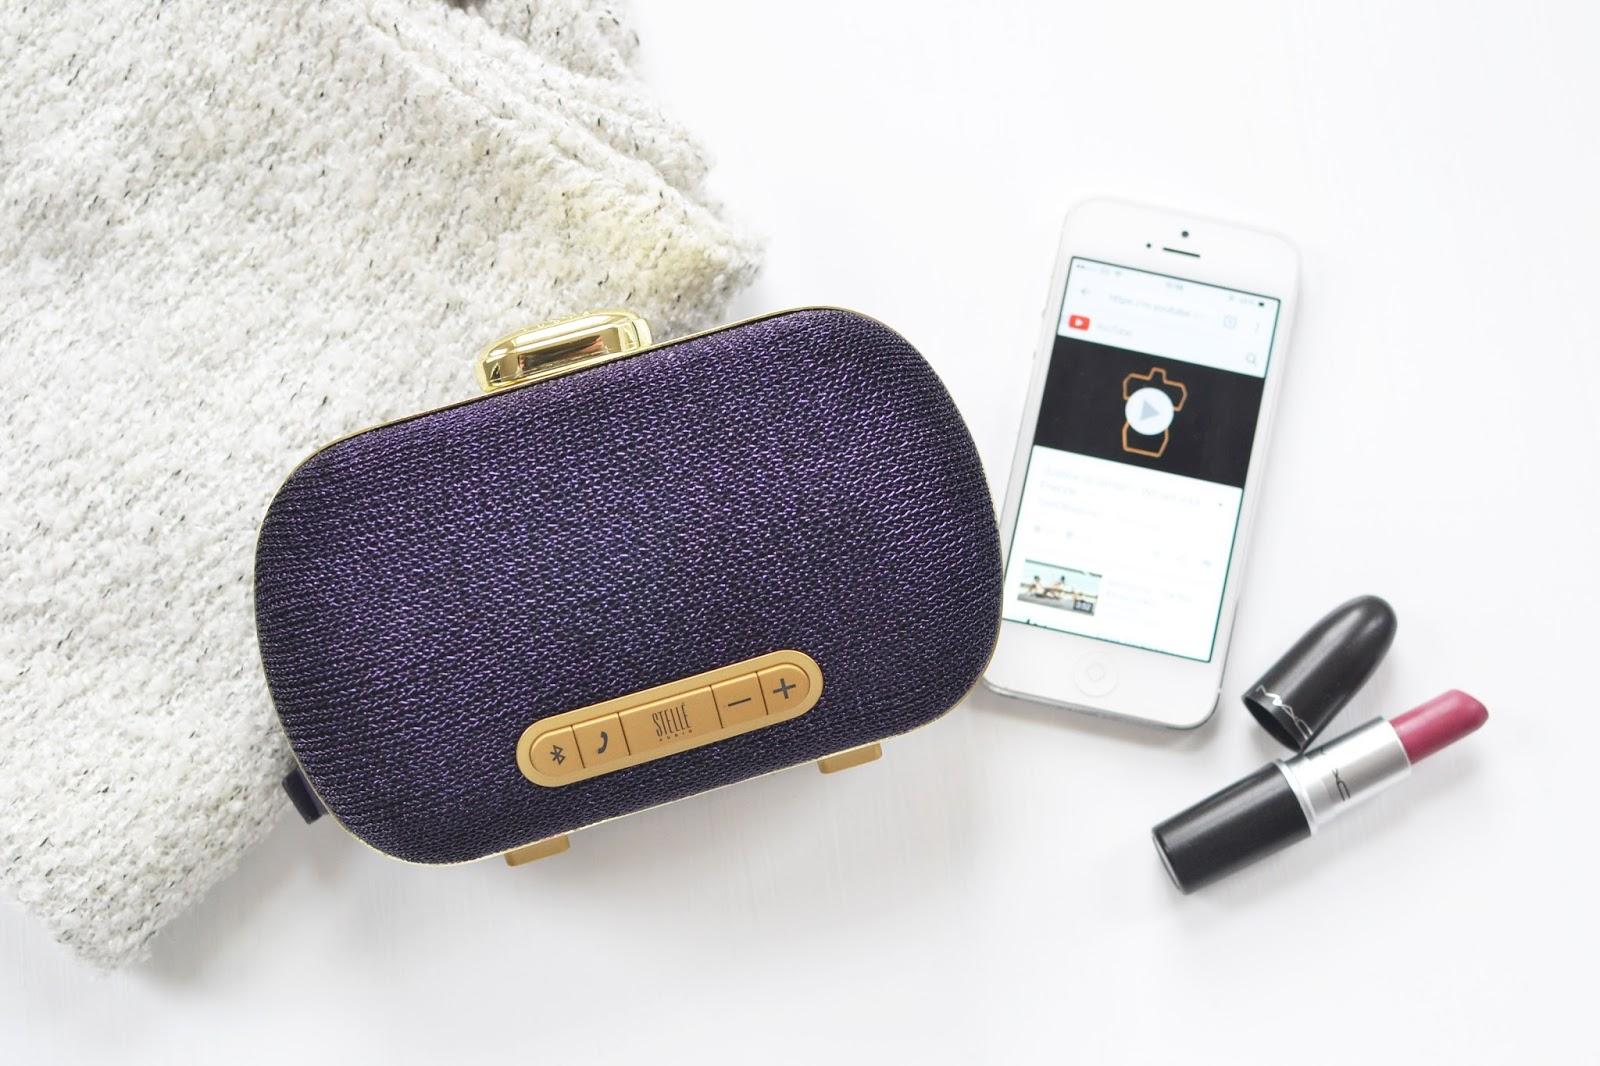 wearable technology, stelle audio, stelle audio mini clutch speaker